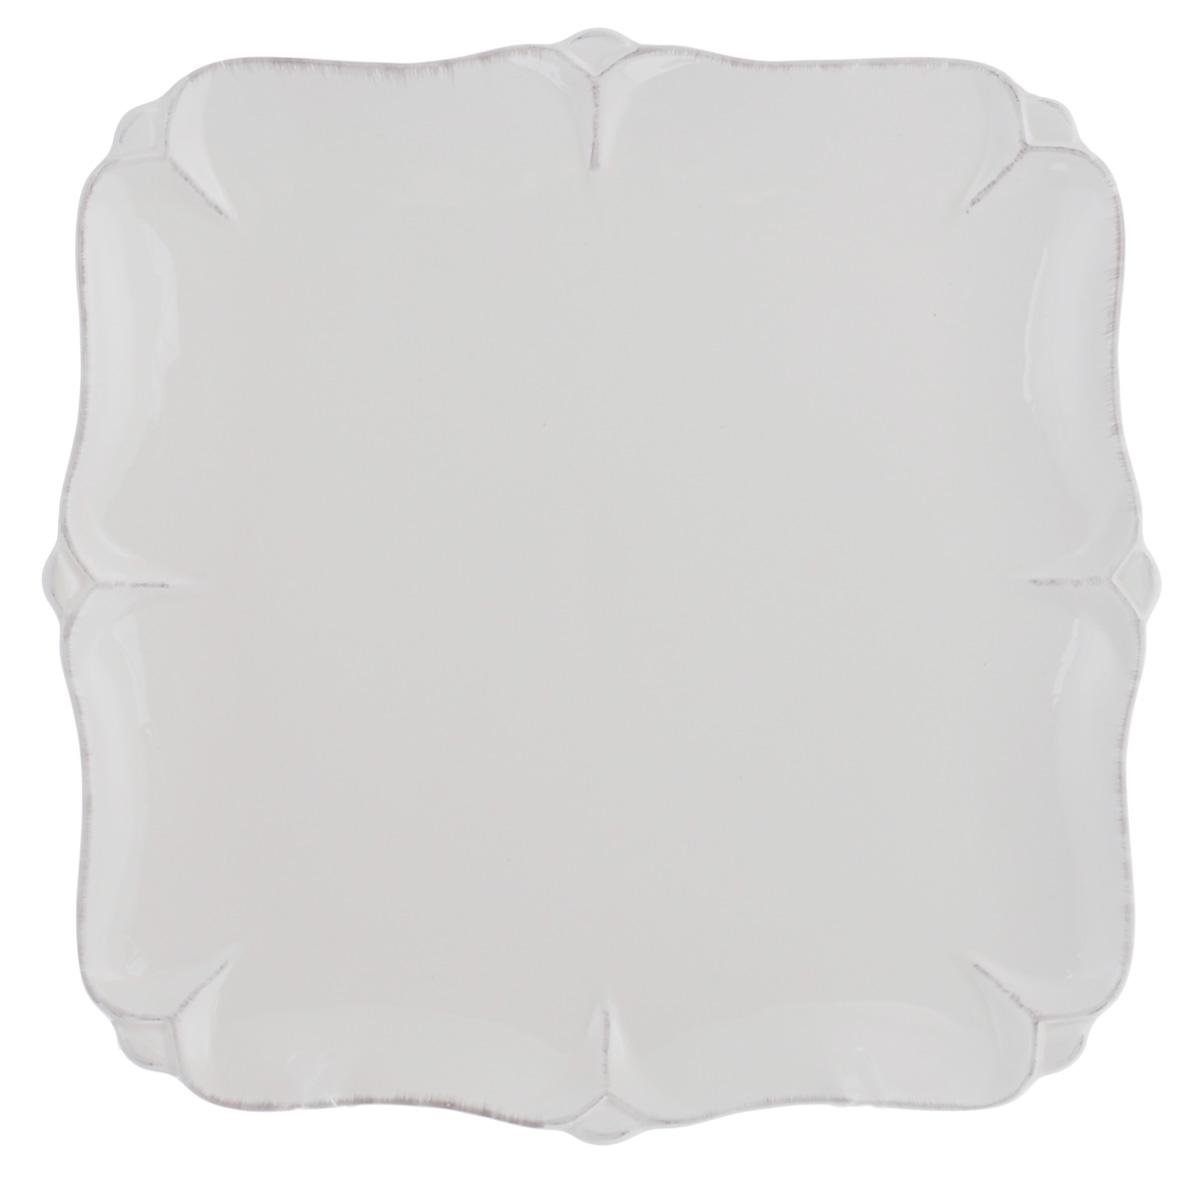 Тарелка Lillo Ideal, цвет: молочный, 25 см х 25 см214207Тарелка Lillo Ideal прекрасно подойдет для сервировки вторых блюд. Изделие изготовлено из керамики и оснащено рельефными неровными краями. Такое оформление придется по вкусу и ценителям классики, и тем, кто предпочитает утонченность и изысканность. Тарелка Lillo Ideal украсит сервировку вашего стола и подчеркнет прекрасный вкус хозяина, а также станет отличным подарком. Можно использовать в посудомоечной машине и микроволновой печи.